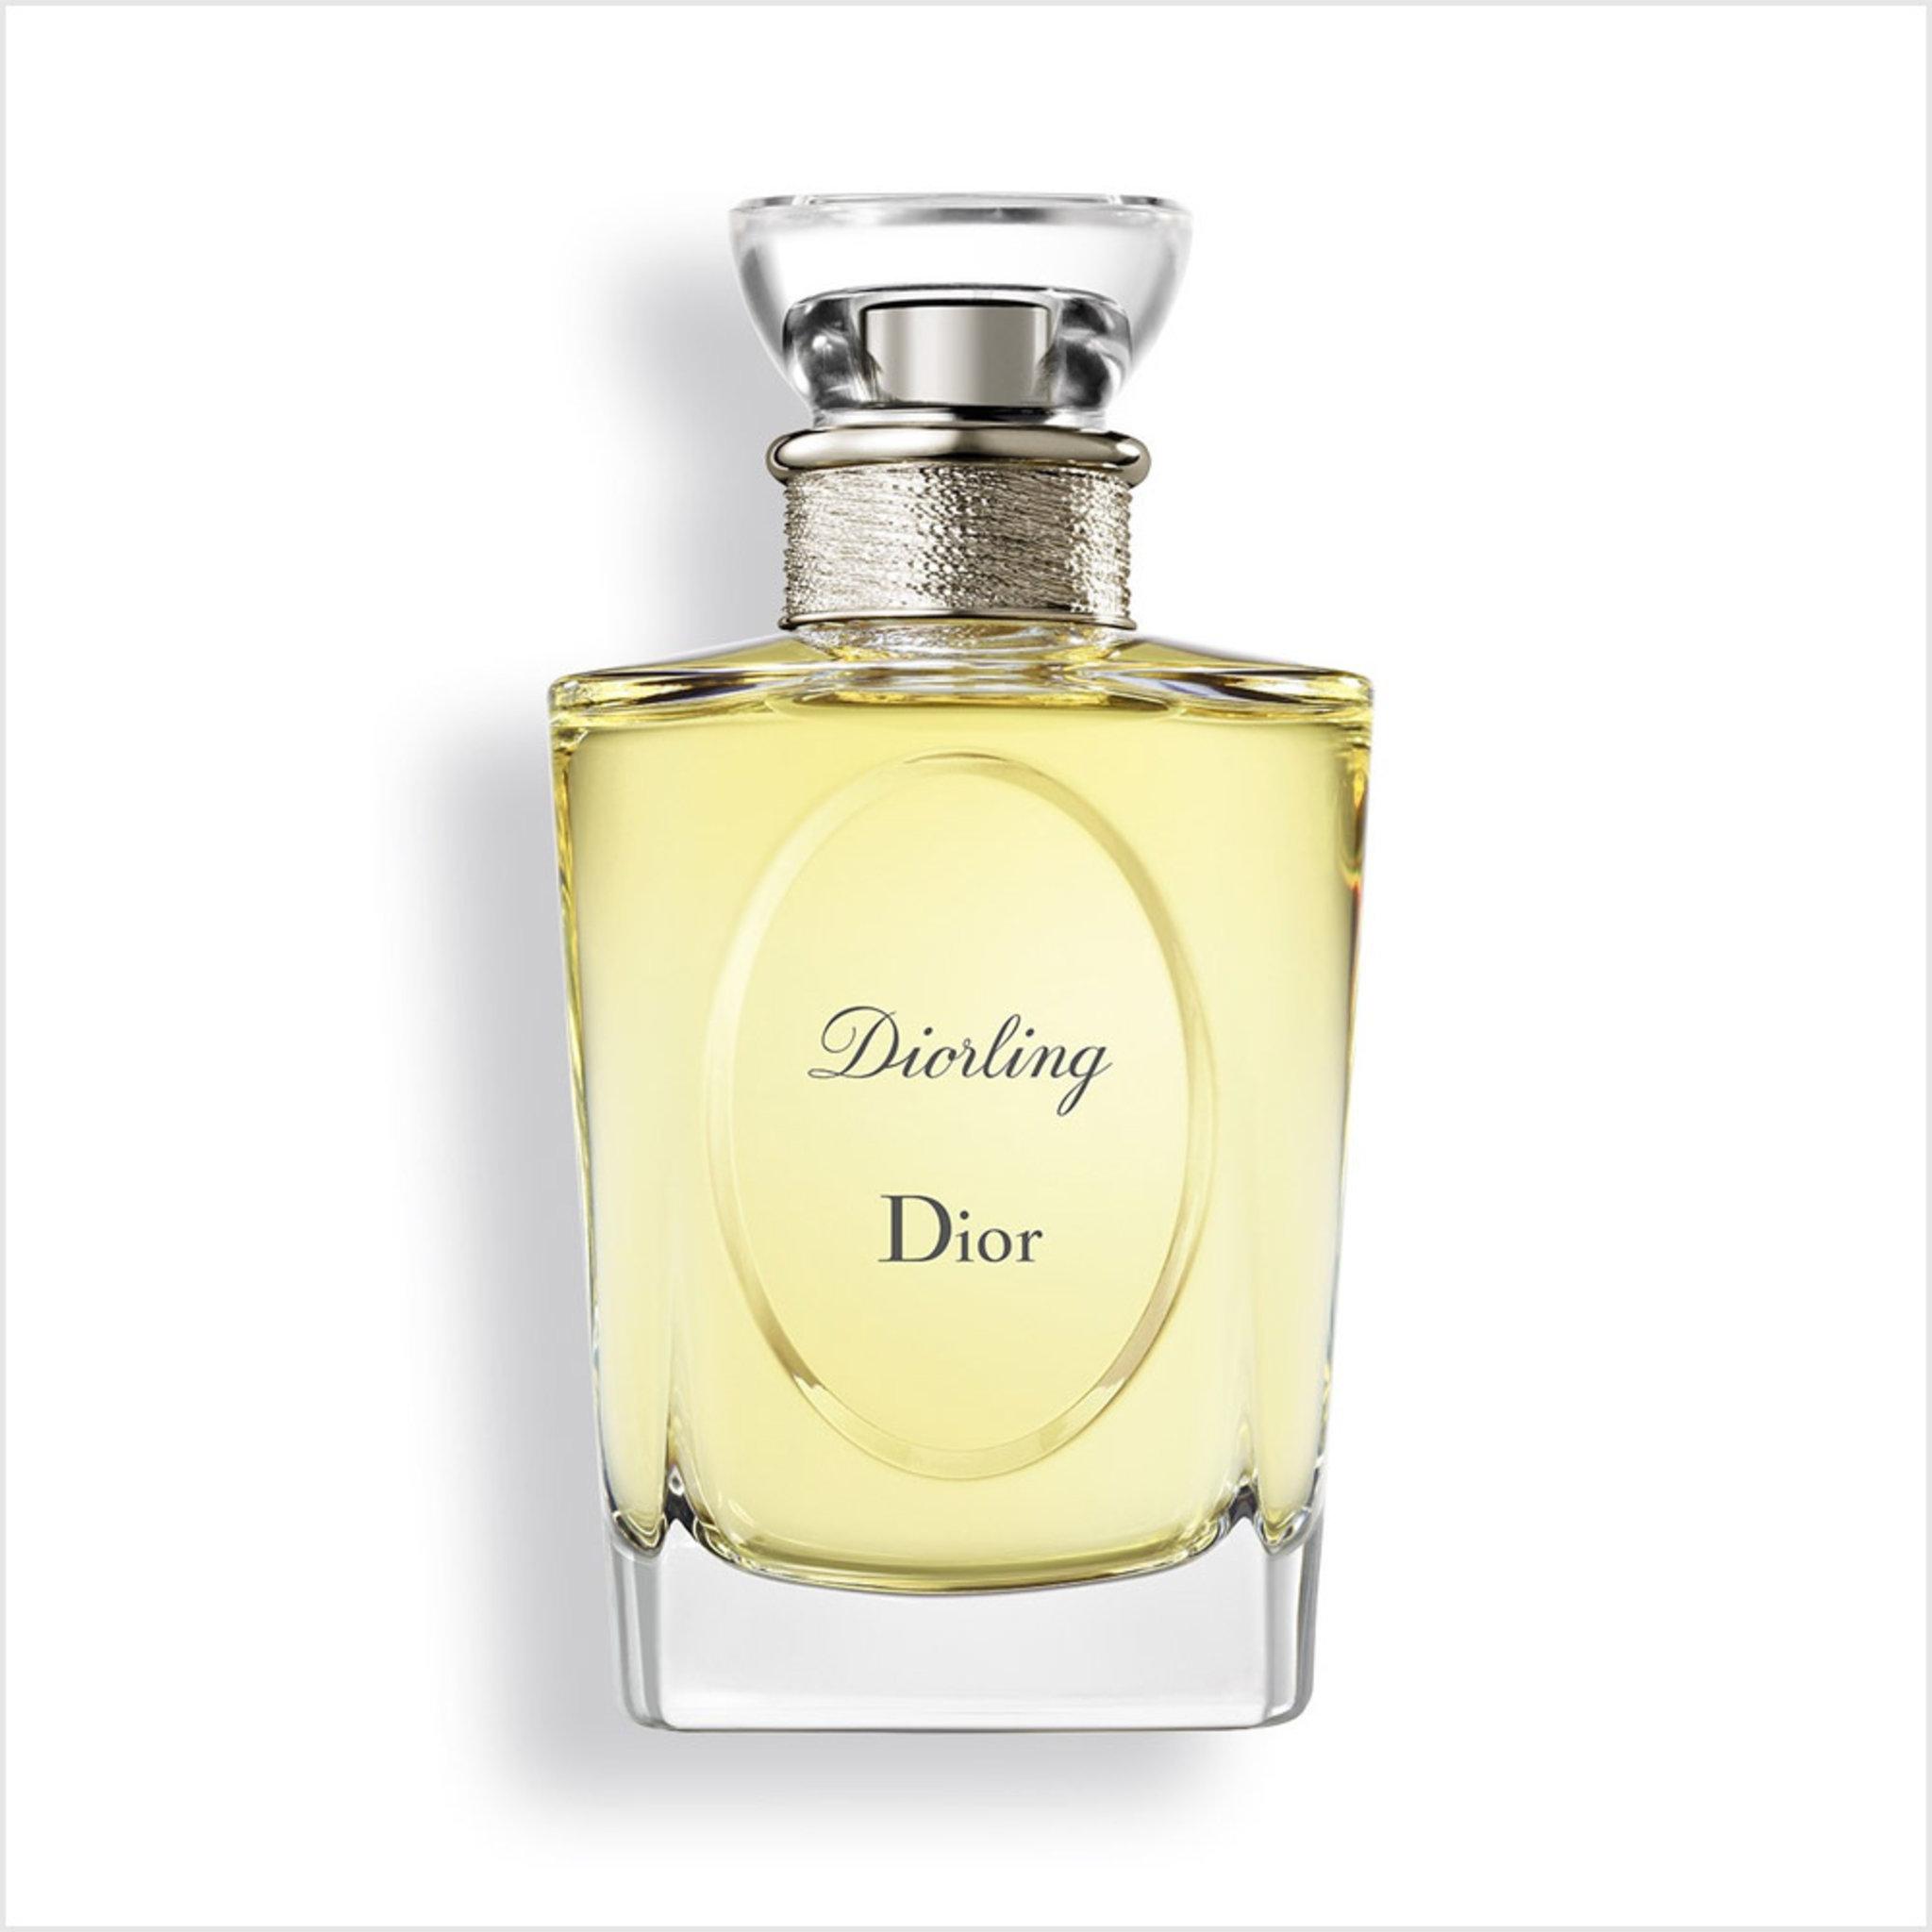 Diorling EdT, 100 ML